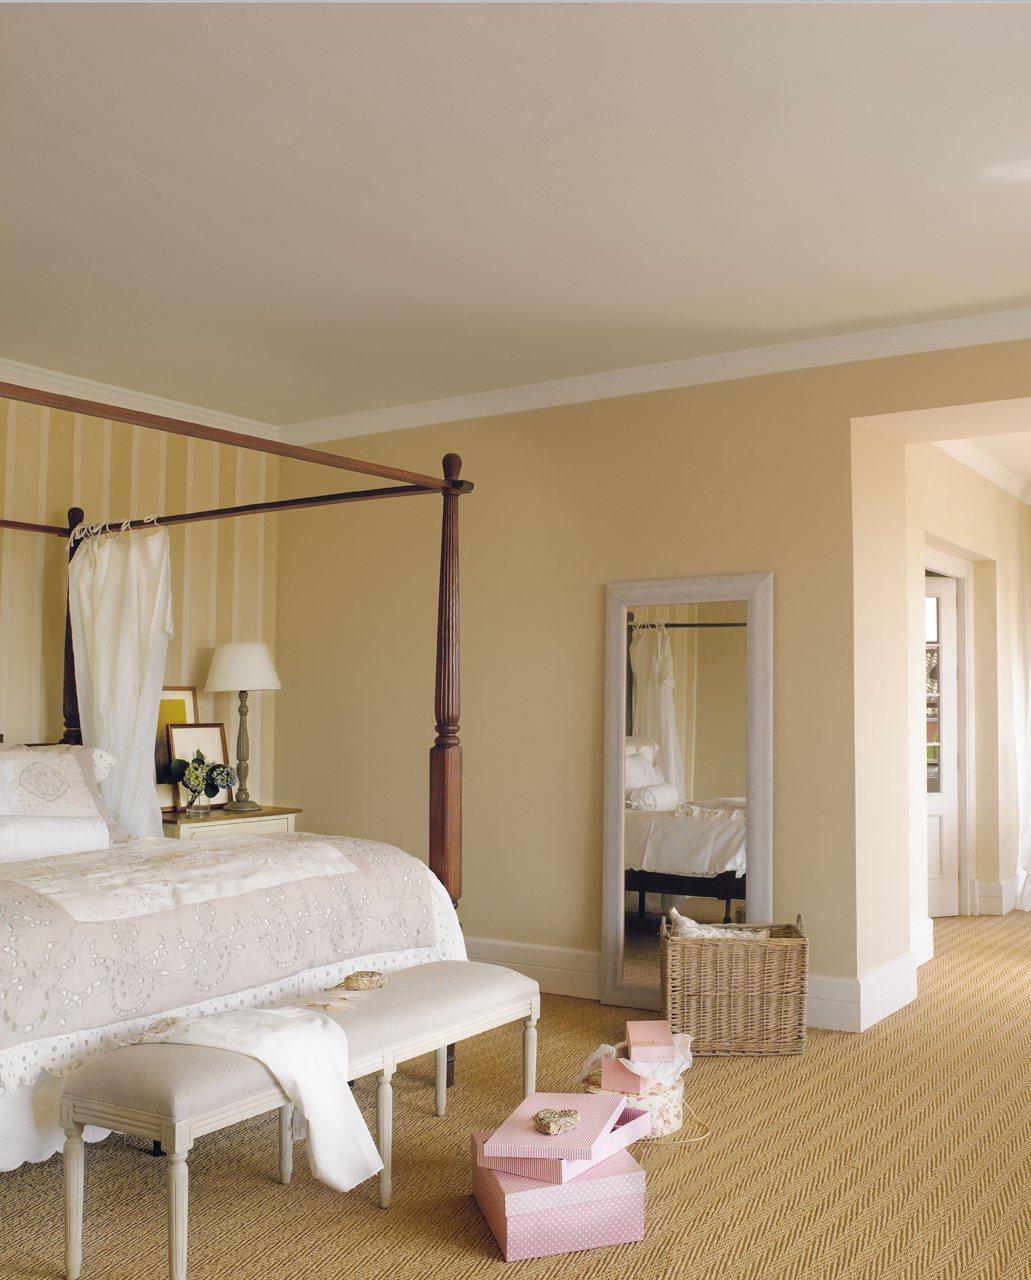 5 retoques que cuestan poco y transformar n tu casa - Suelos de moqueta ...